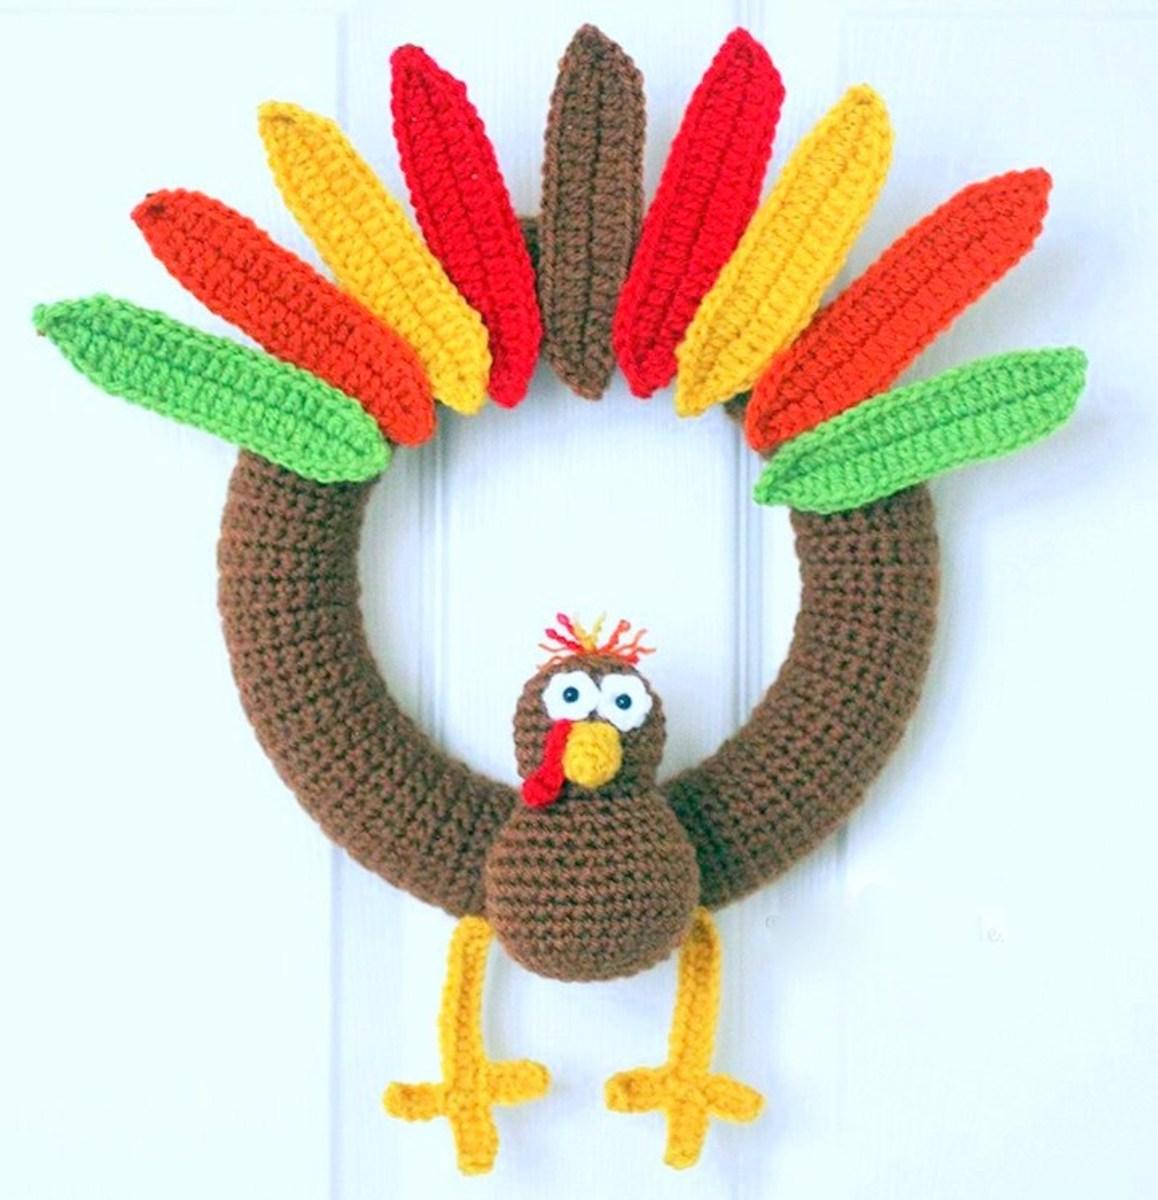 11 Free Fall Thanksgiving Wreaths Crochet Patterns Feltmagnet